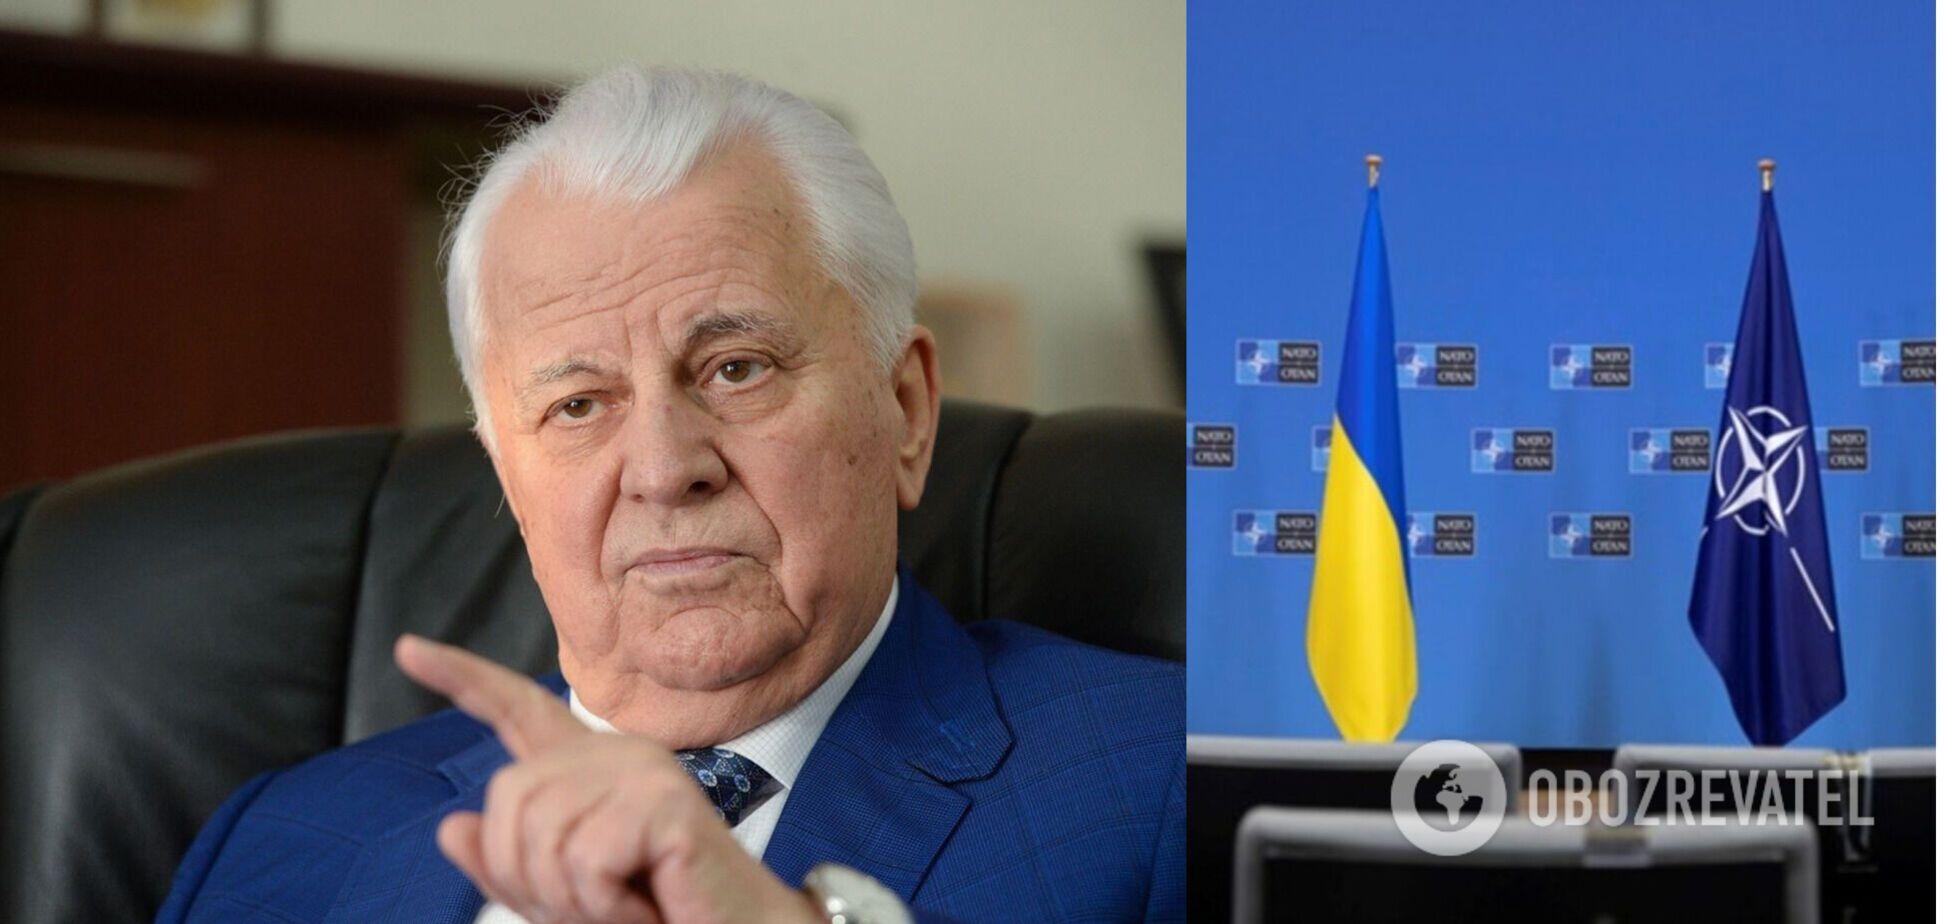 Кравчук: думка Росії щодо членства України в НАТО не має жодного значення